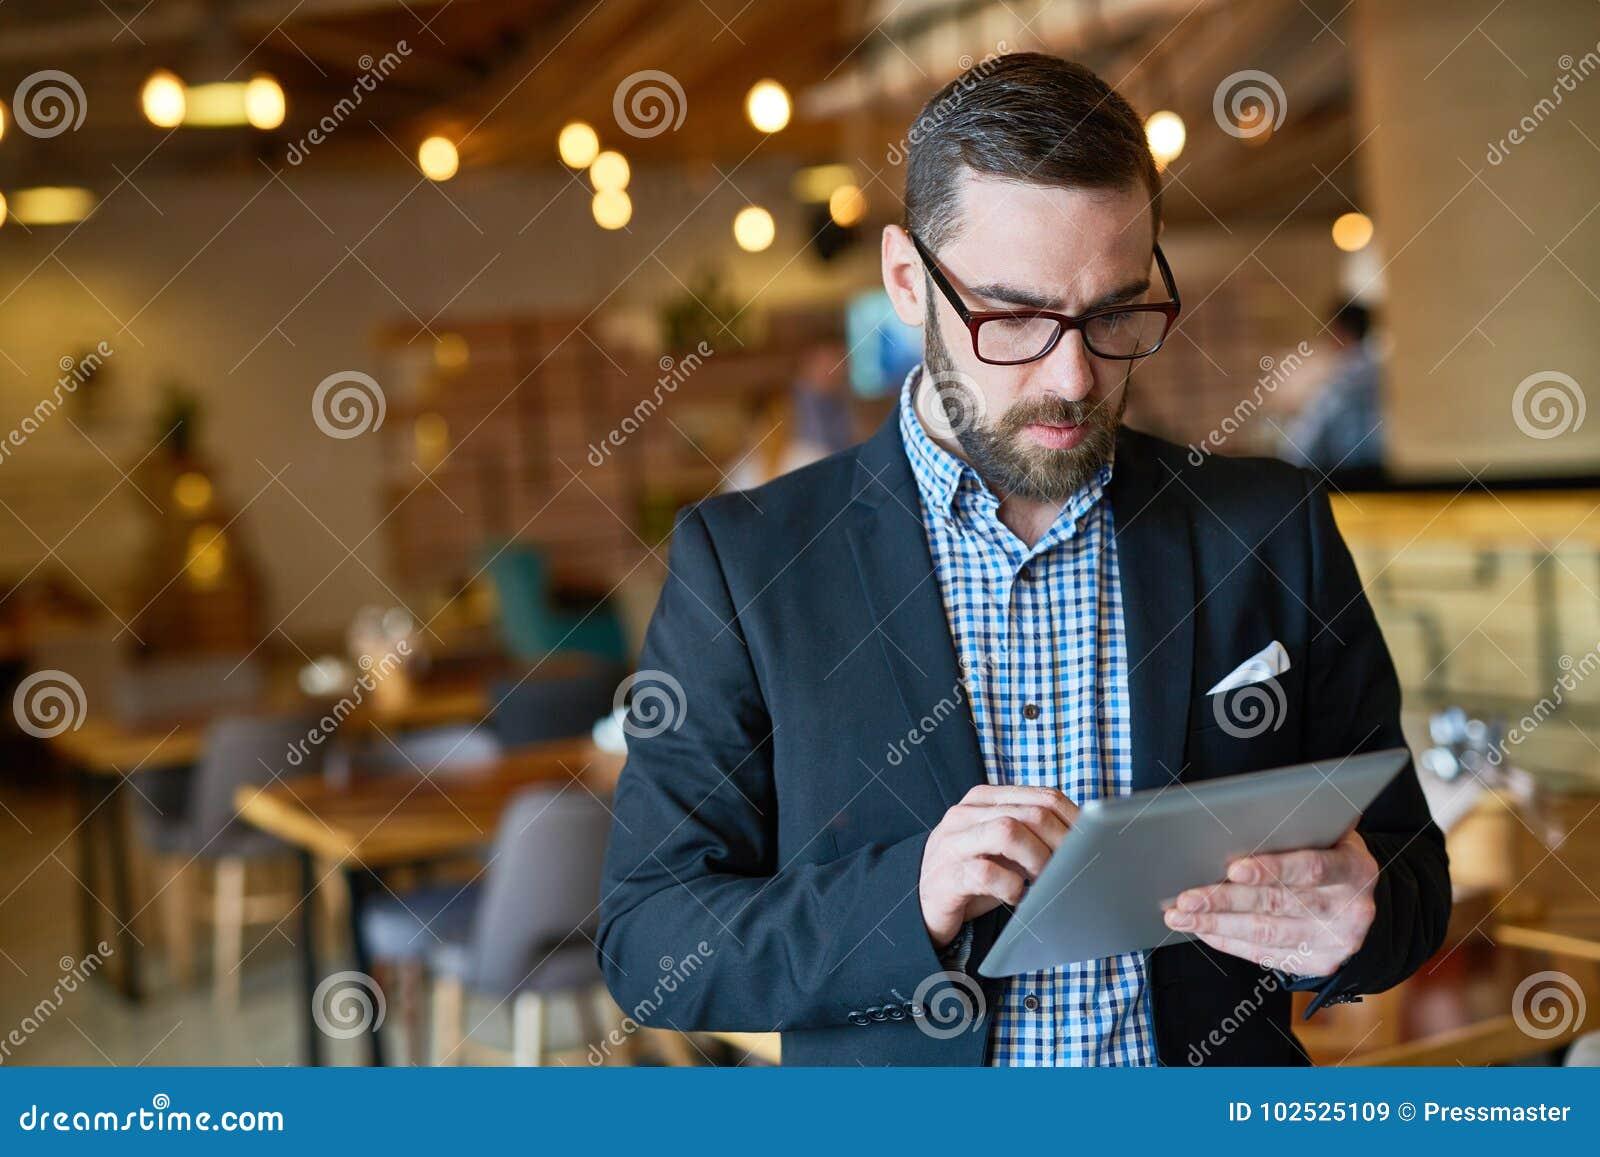 Gerente farpado Using Digital Tablet